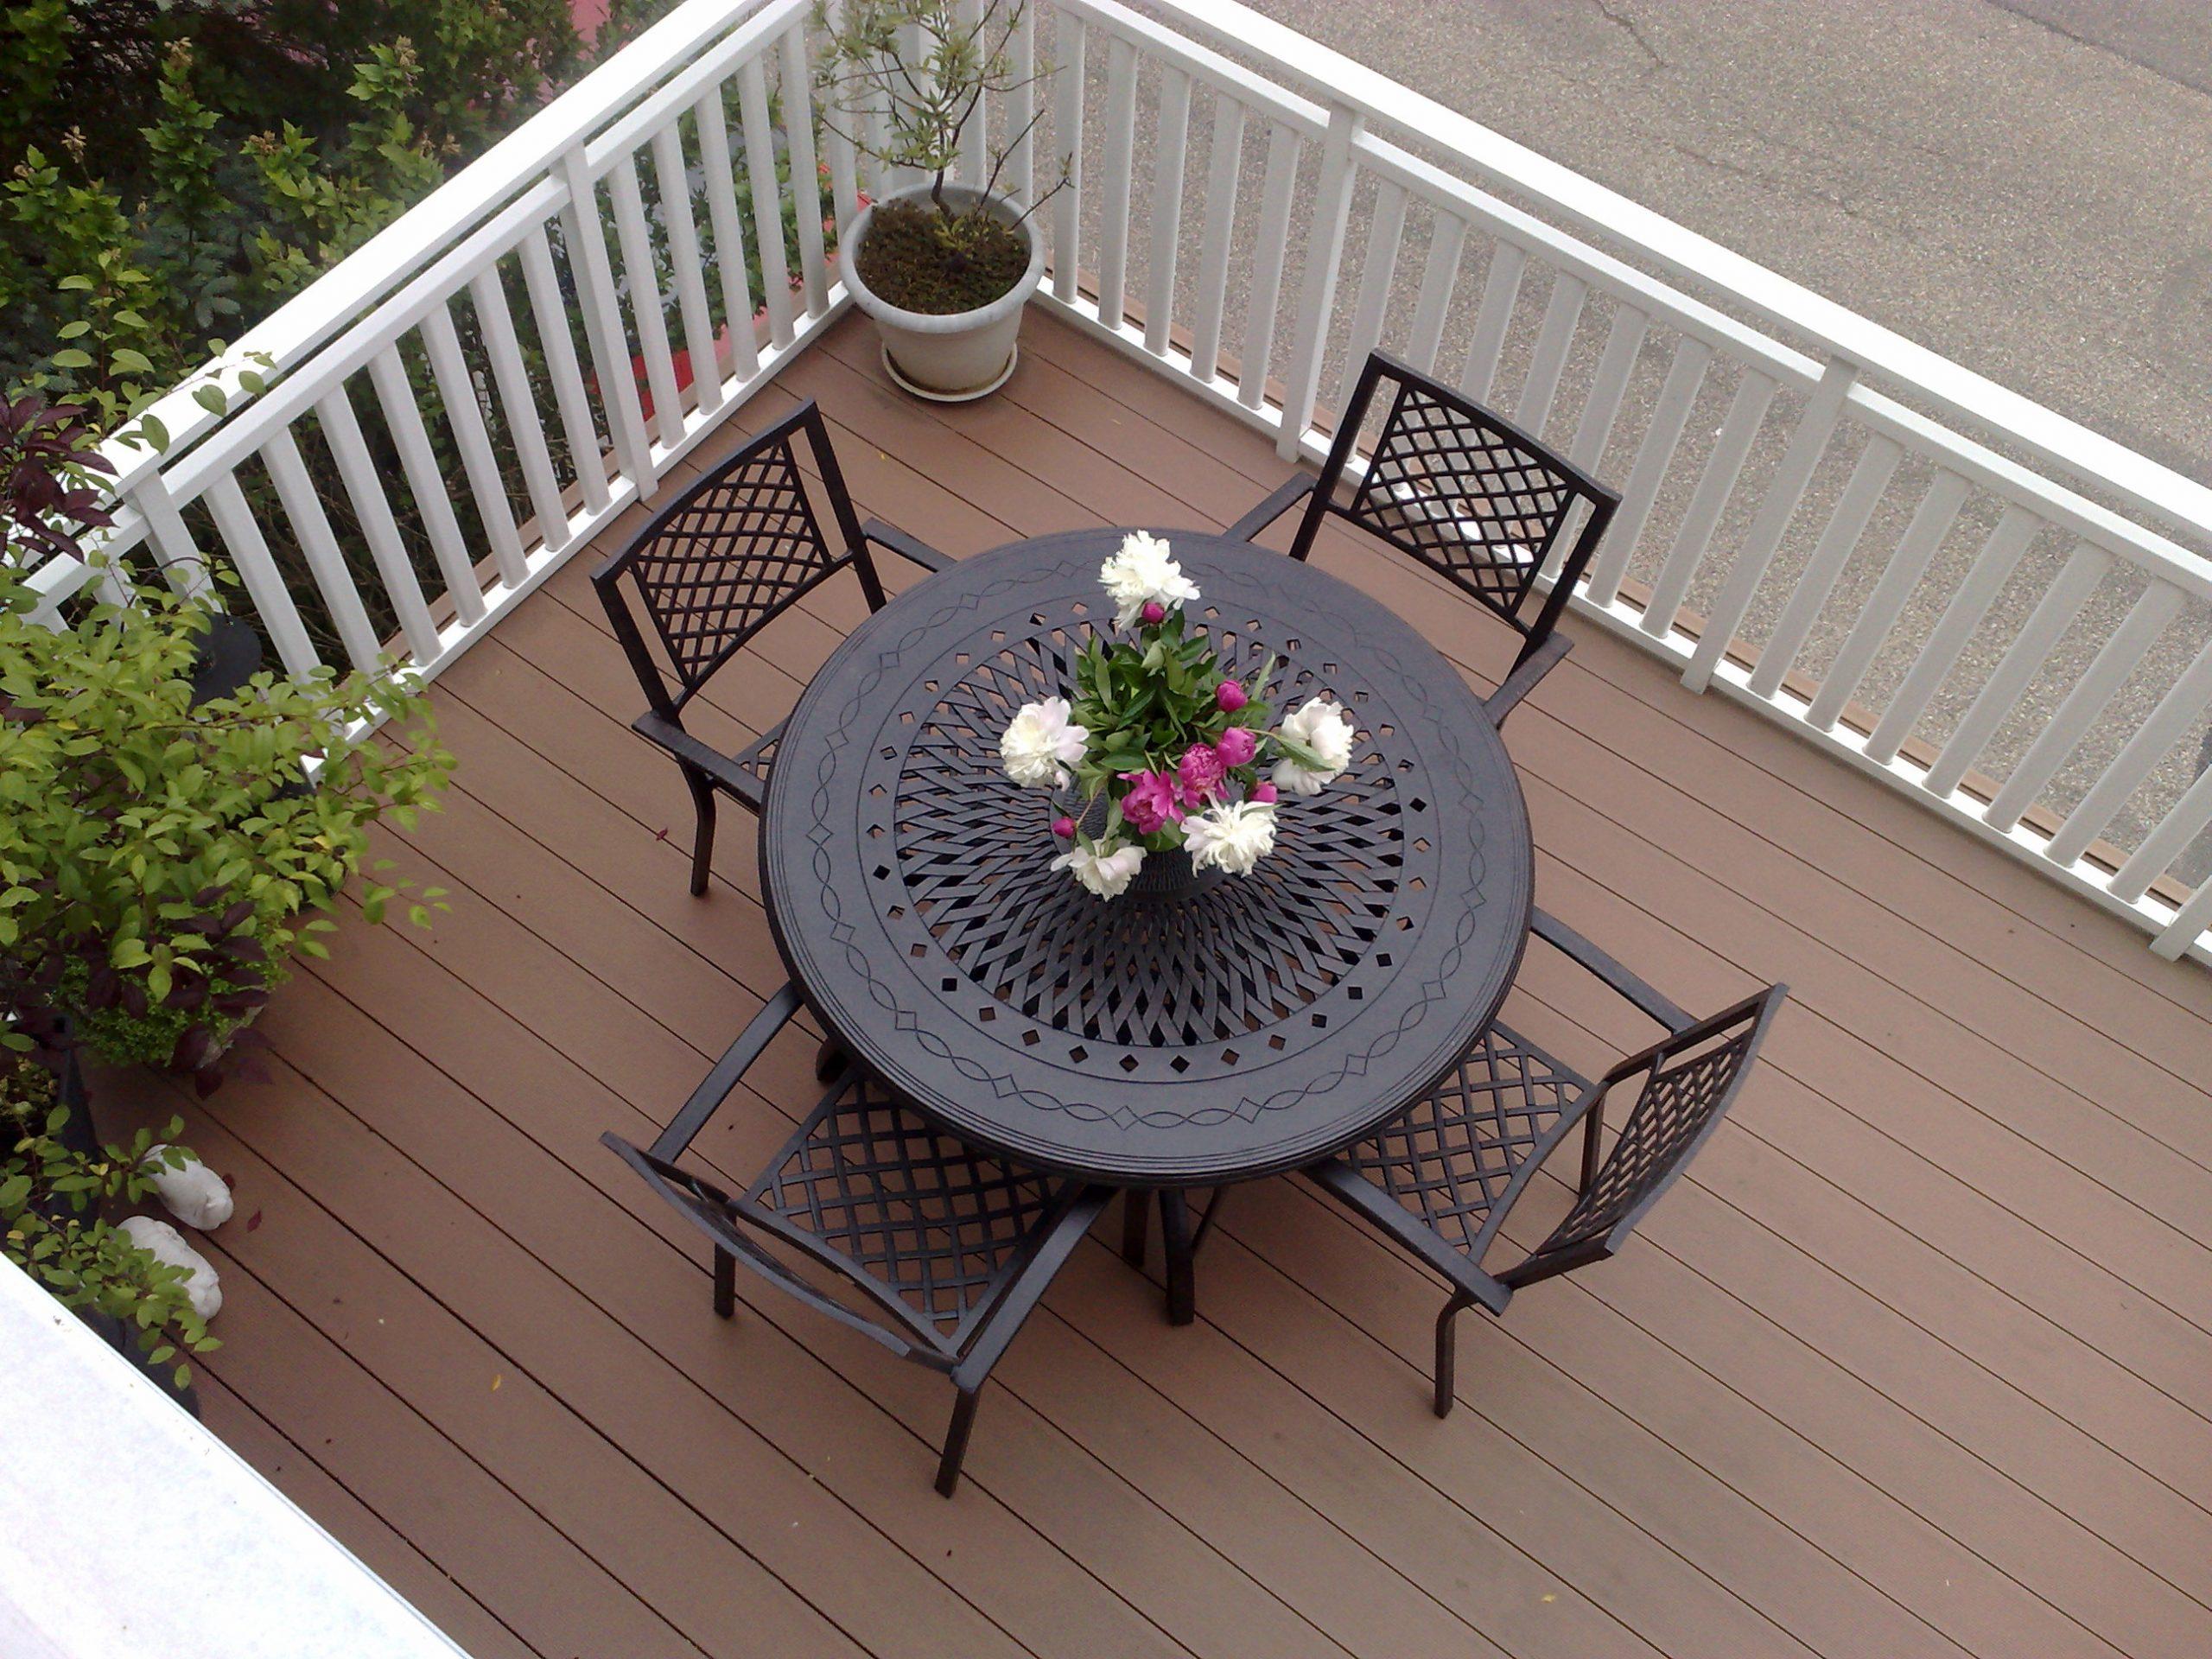 Comparatif Tables De Jardin 4 Personnes | Le Blog De Lazy Susan intérieur Table Jardin 4 Personnes